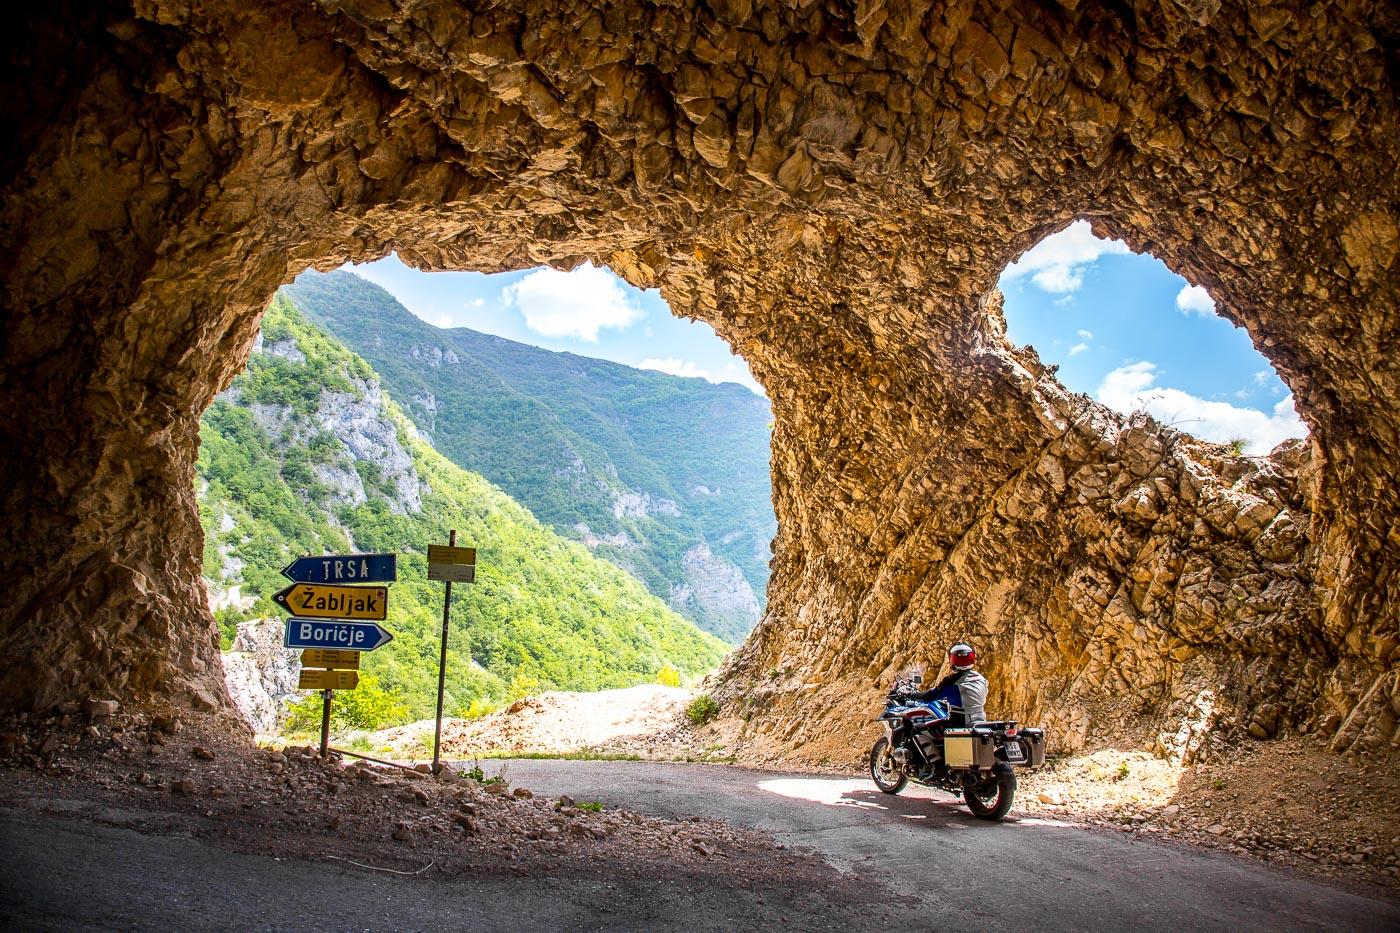 Reise_Balkan-8208.jpg